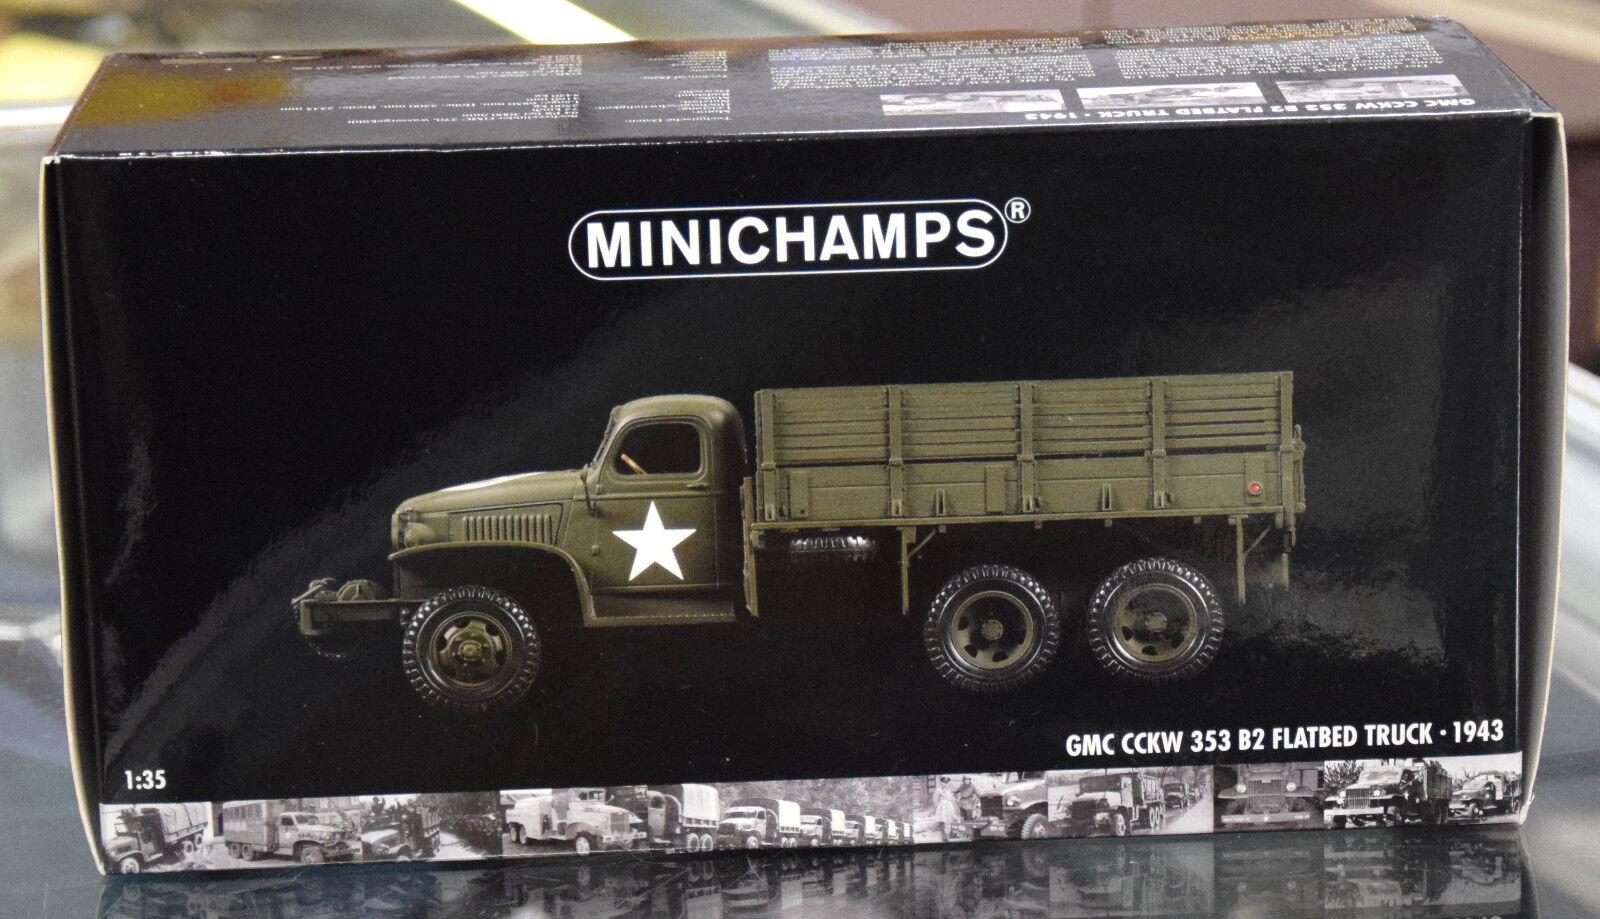 Minichamps 1 35 1943 GMC CCKW 353 B2 Caja Militar Cabrestante camión de carga